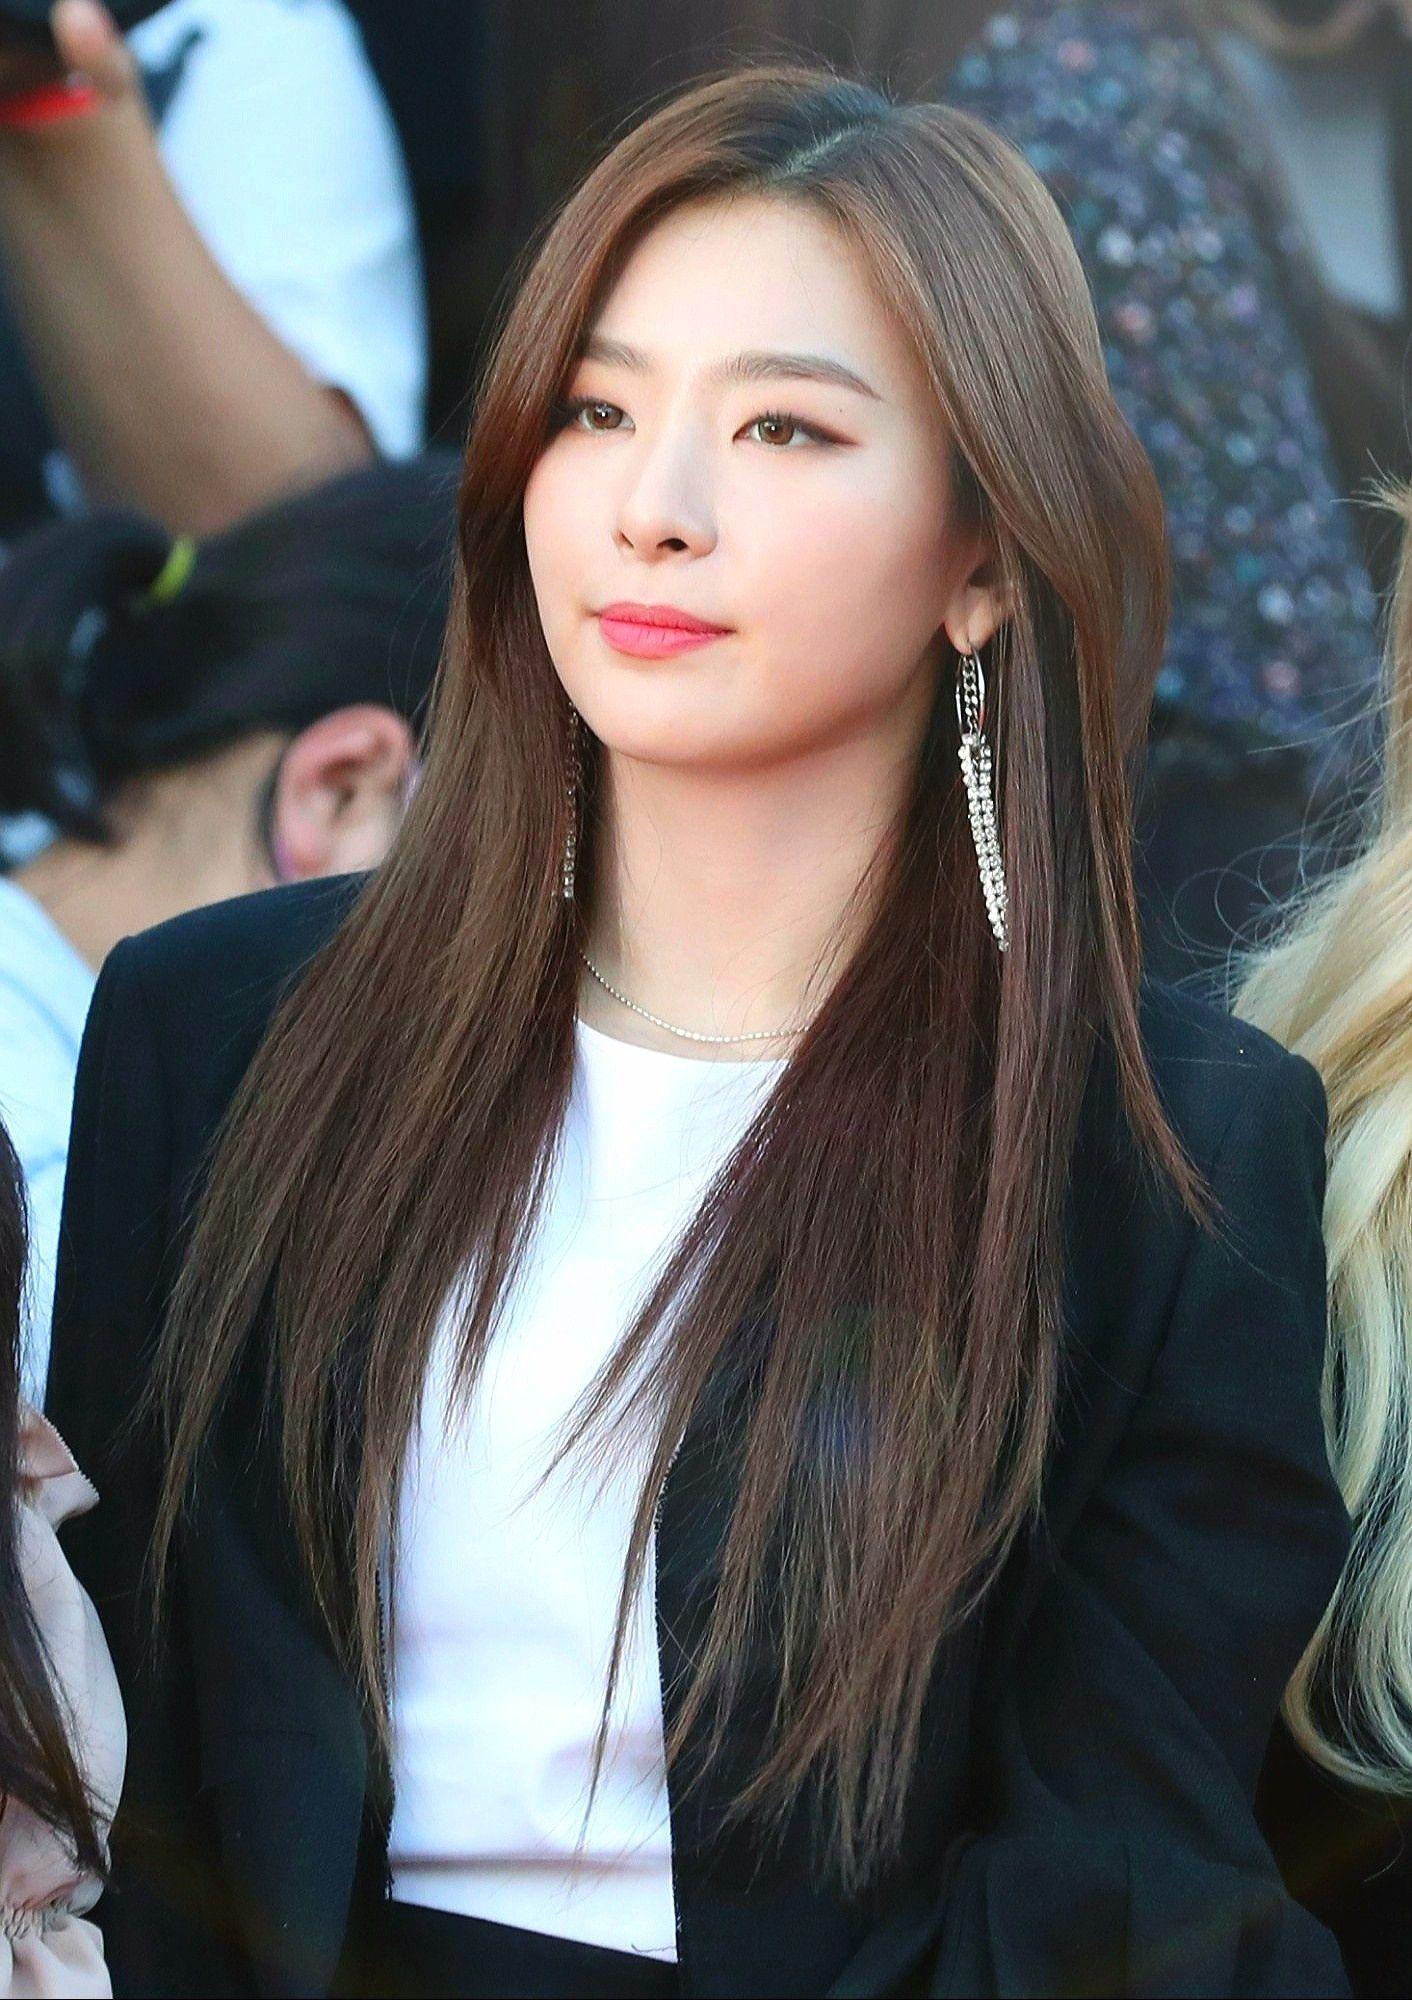 Top 99 Hottest Female K Pop Idols Chosen By Lesbian Women Of South Korea Kpopmap Red Velvet Red Velvet Seulgi Wendy Red Velvet